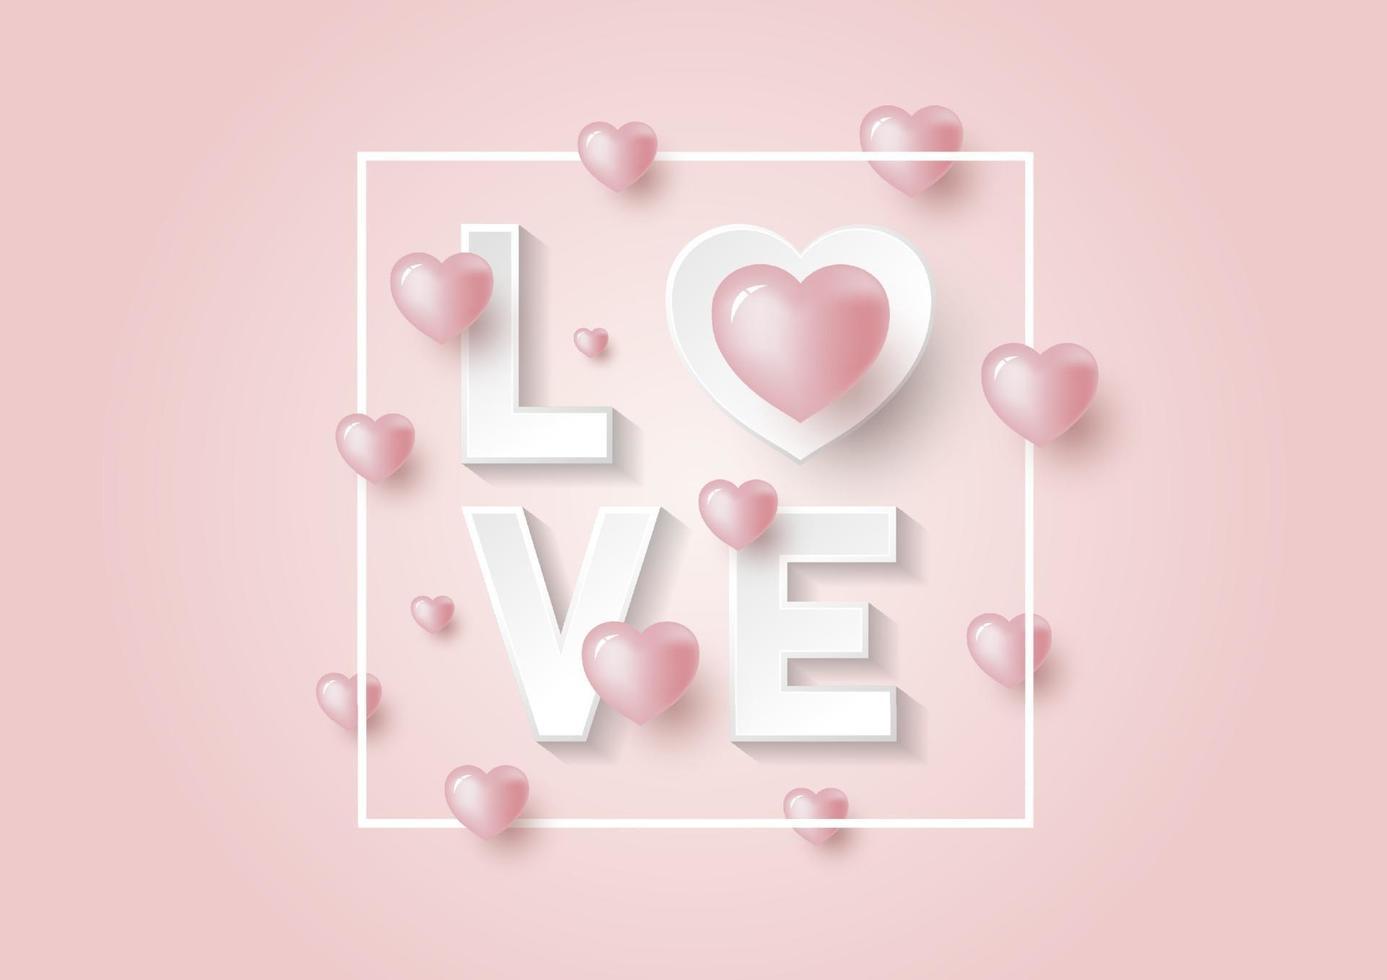 Projeto 3D de amor e corações em fundo rosa para ilustração vetorial de cartão de casamento e dia dos namorados vetor